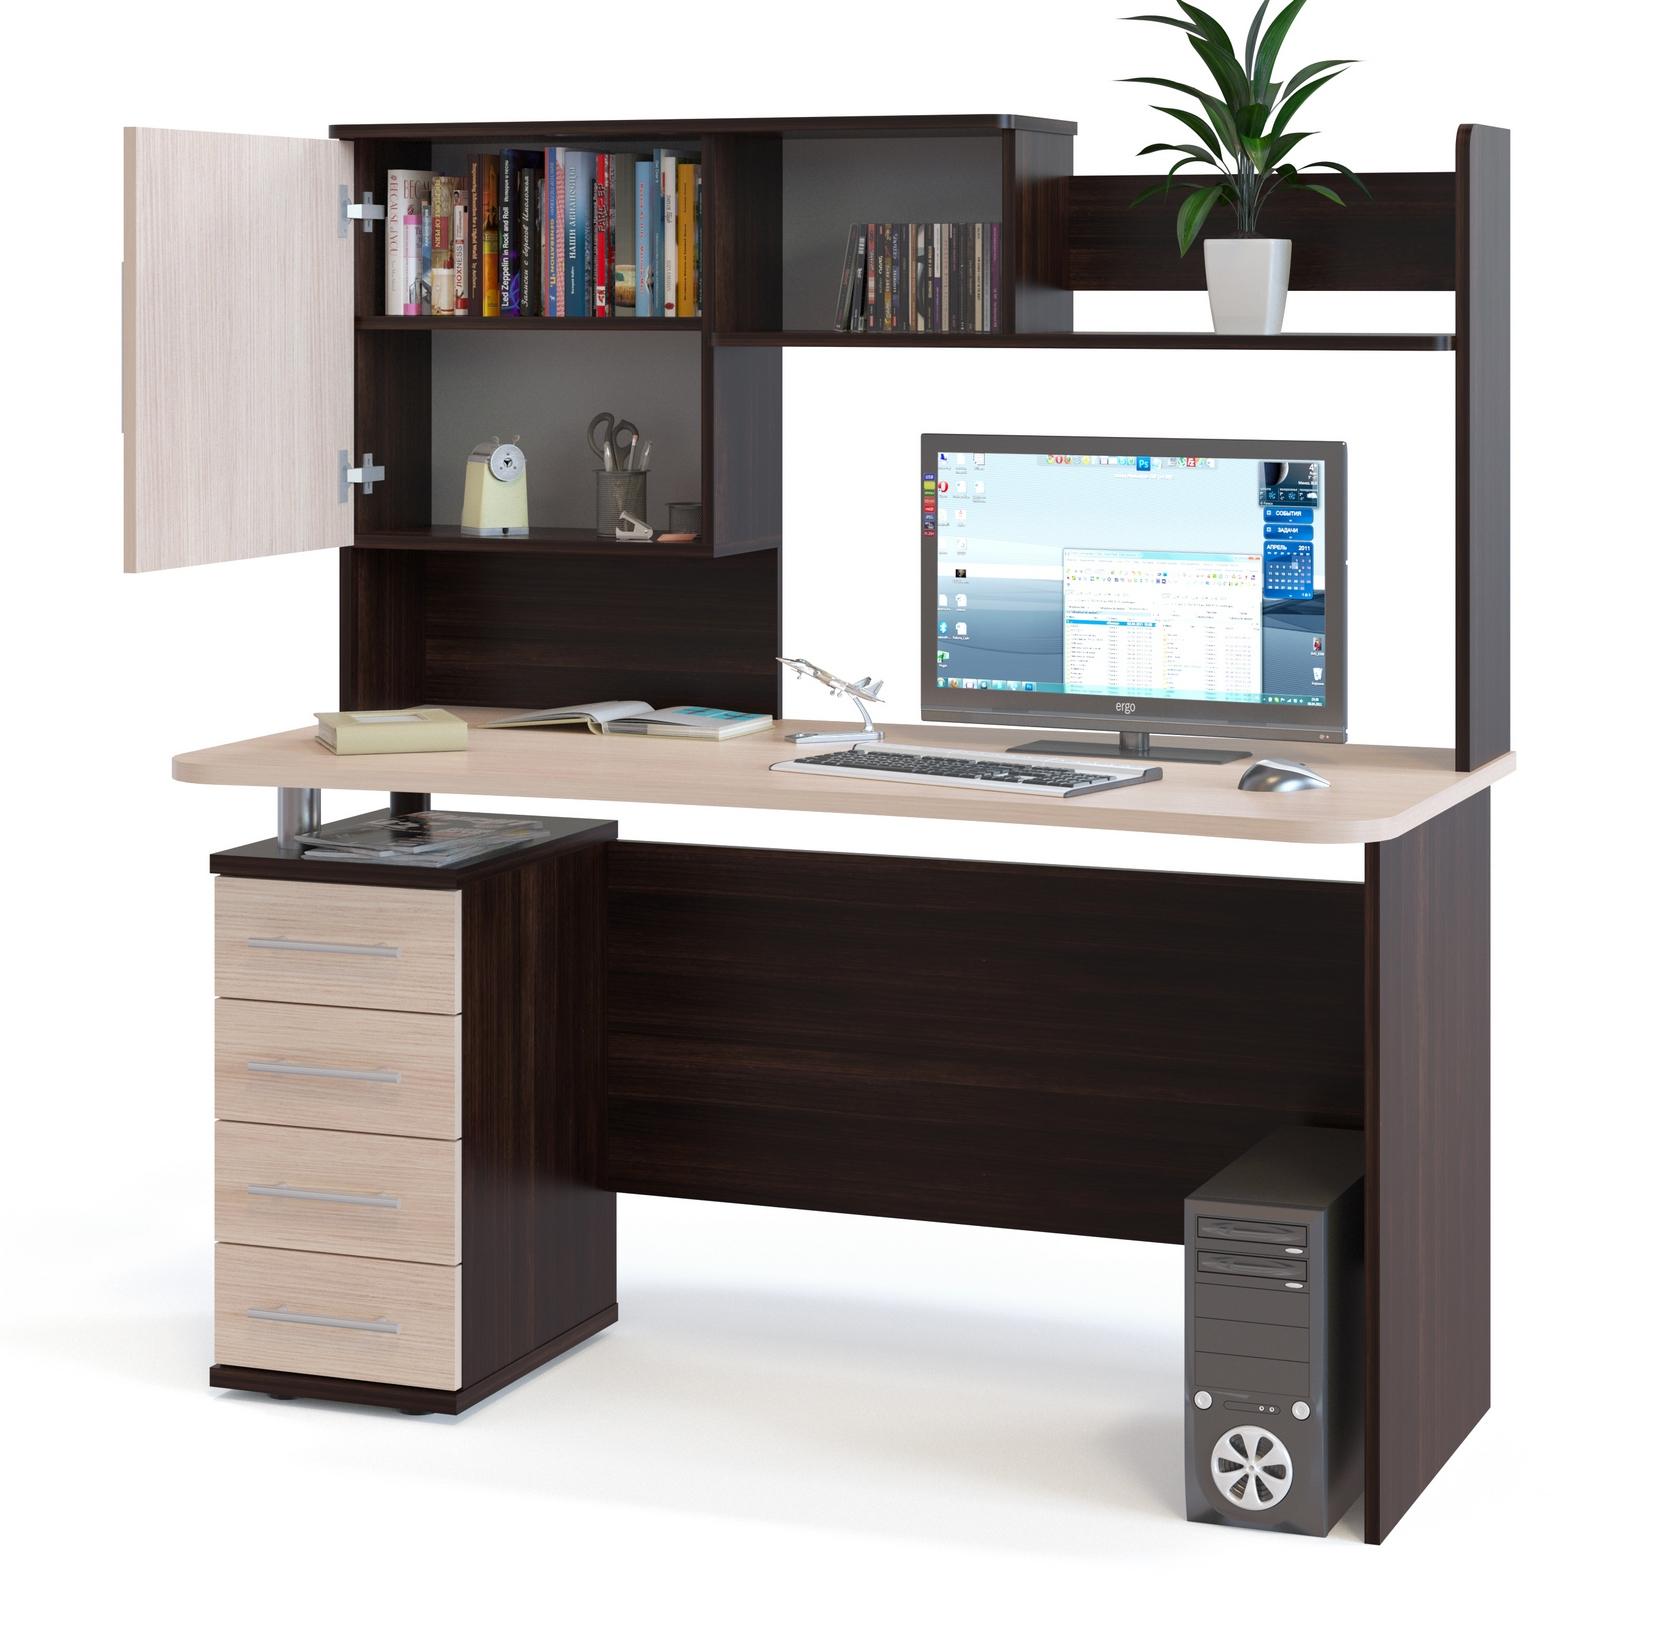 компьютерный стол кст 1051 кн 14 хаггард 1 компьютерные столы